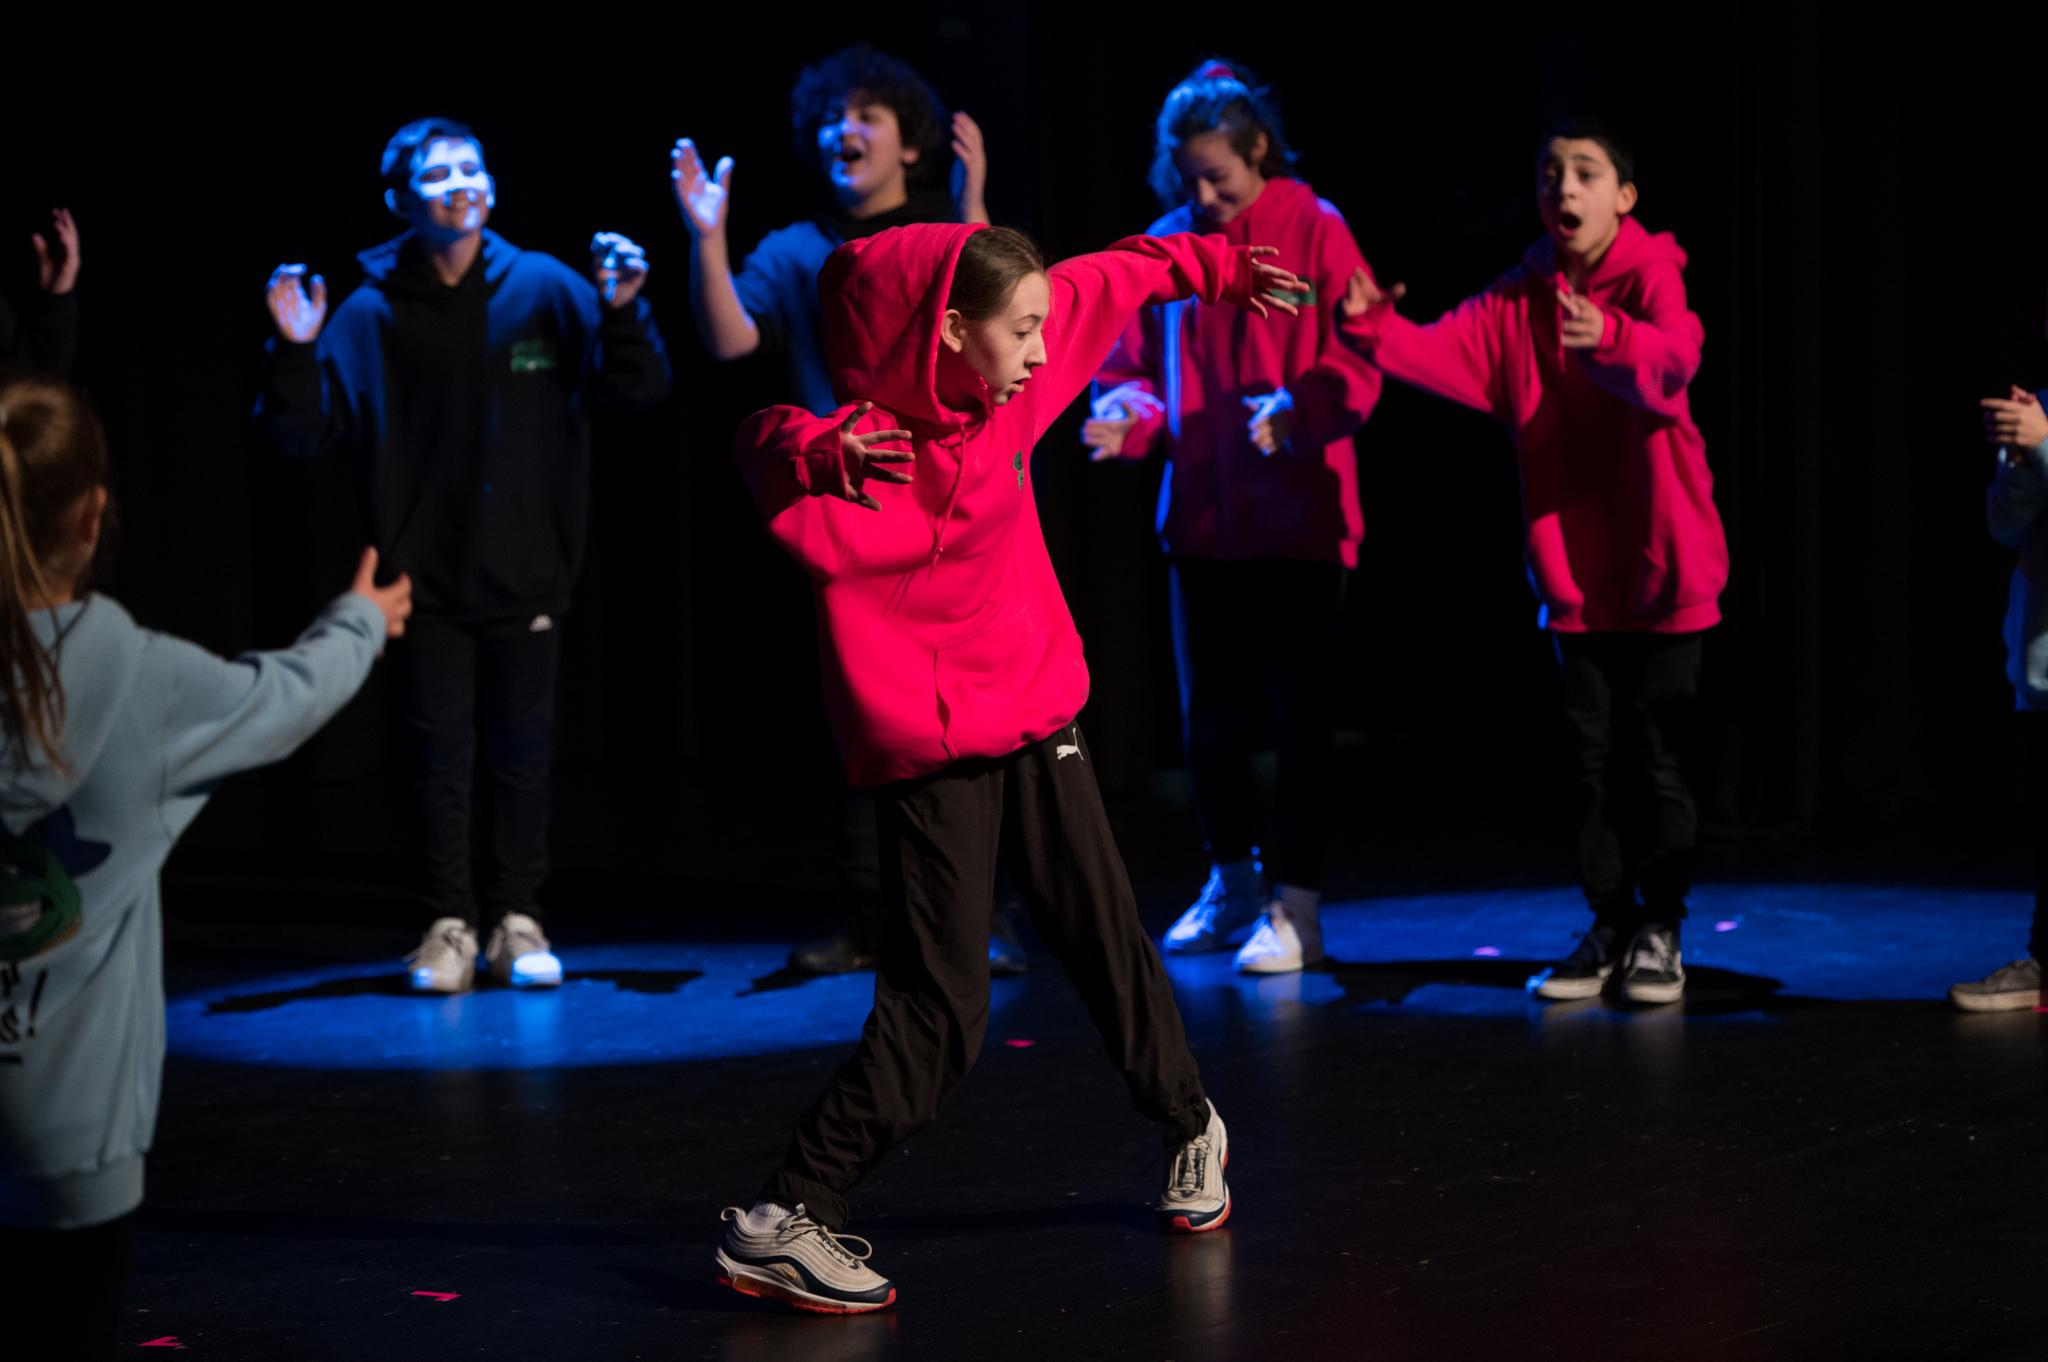 jugendkulturjahr-2020-ratingen-jkj2020-YouthDay-CrazyFrogs01